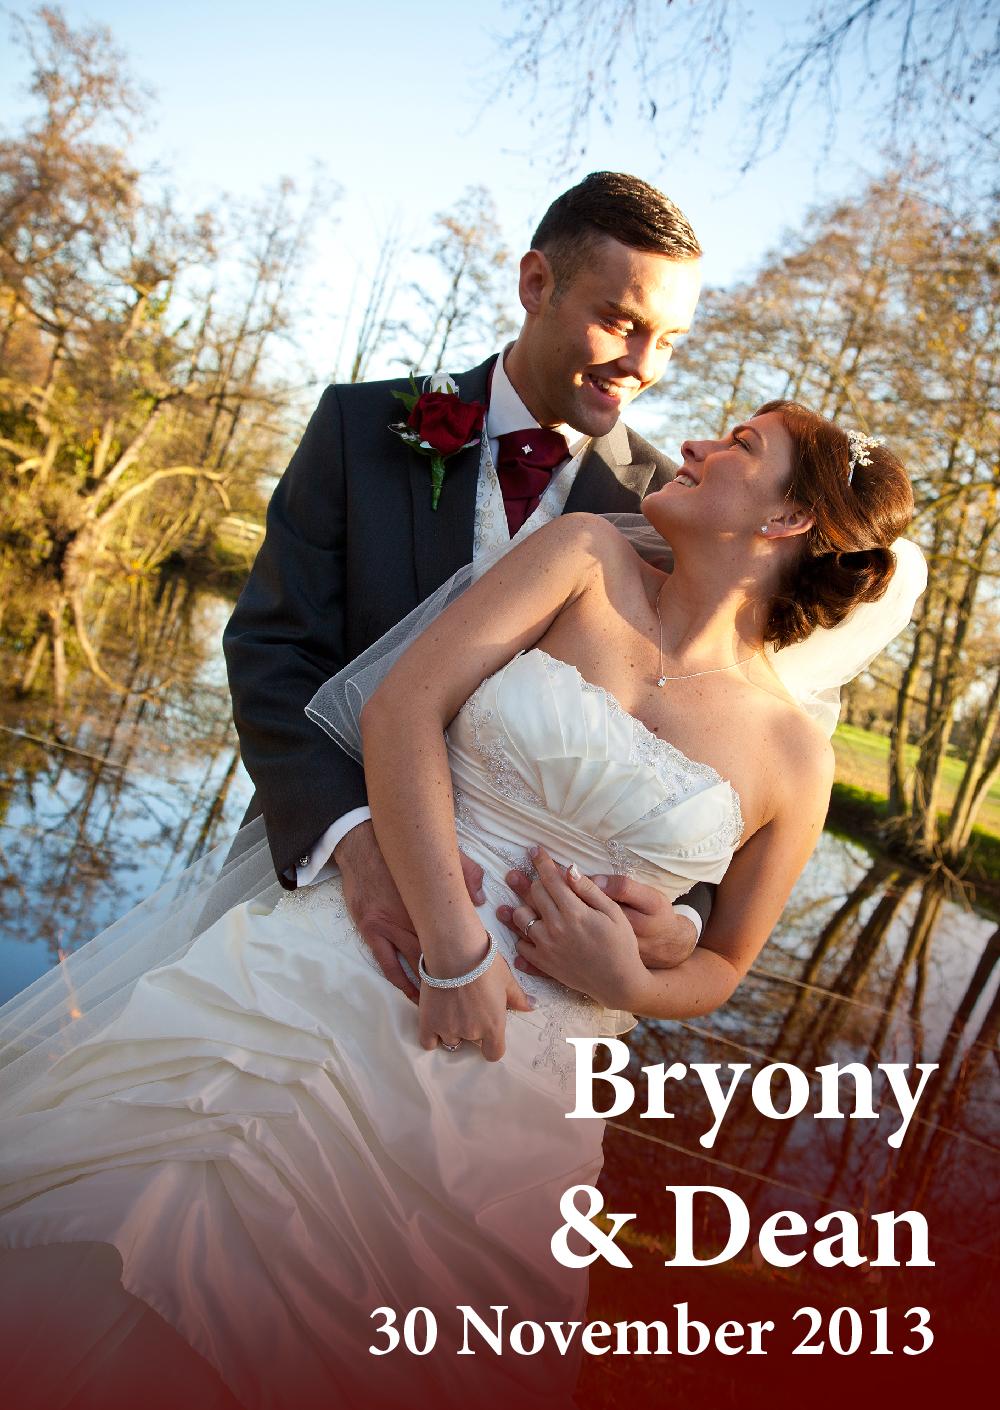 Bryony & Dean's Wedding